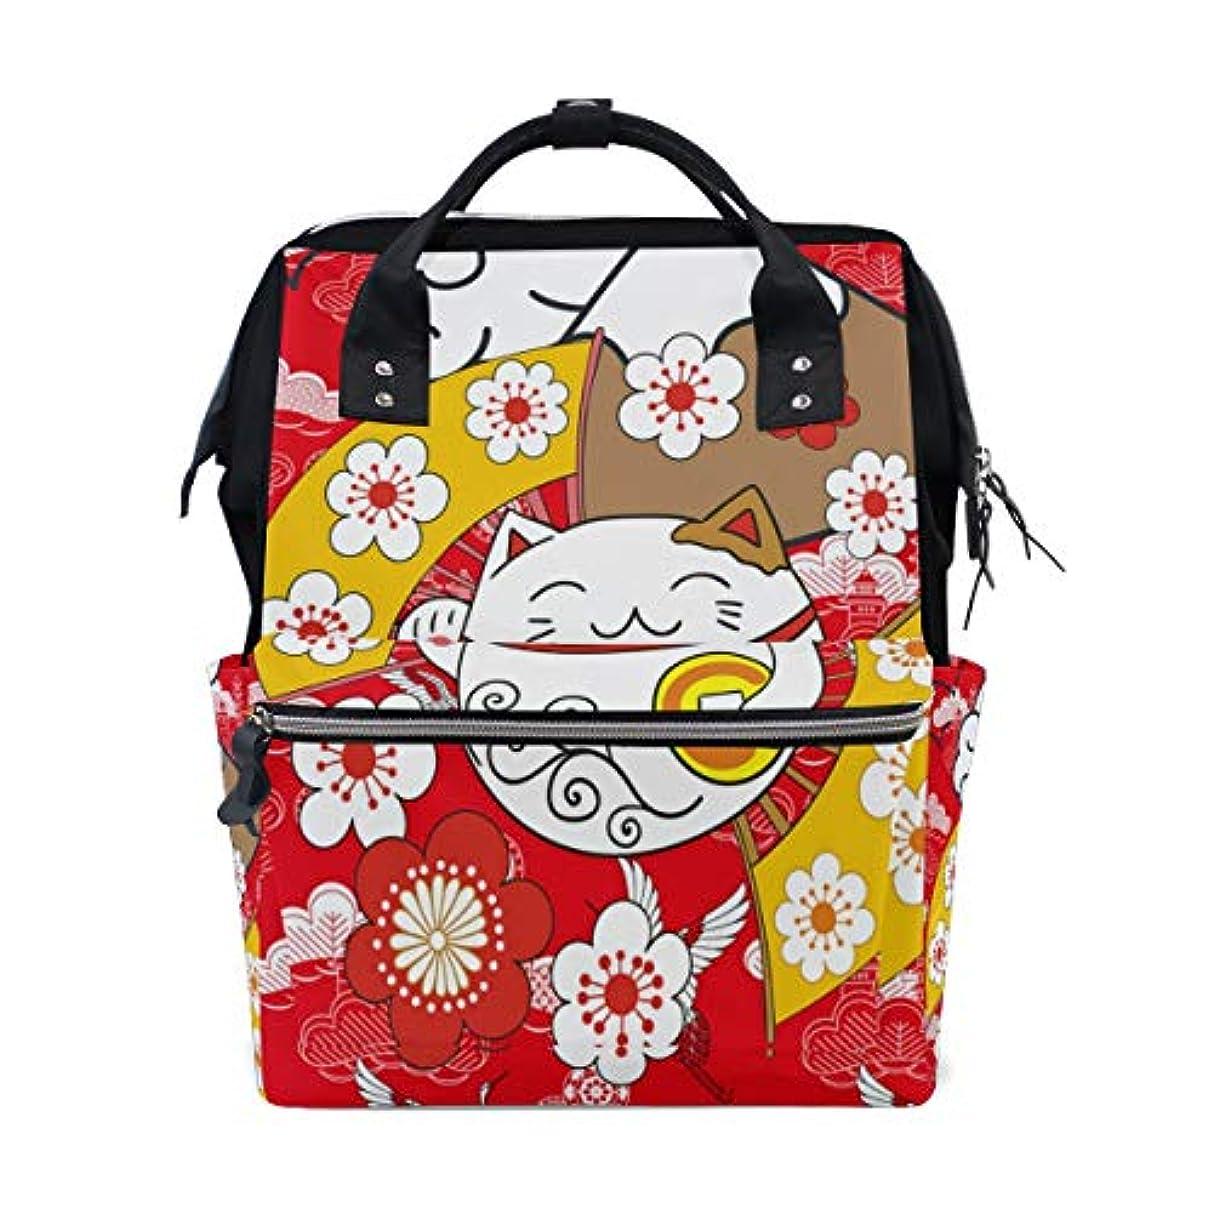 高度コマンドボードCarrozza リュックサック 学生 リュック レディース 猫 猫柄 招き猫 鶴 花柄 桜 赤 和風 マザーズバッグ ビジネスリュック デイバッグ メンズ 大容量 がま口 かわいい おしゃれ 通勤通学